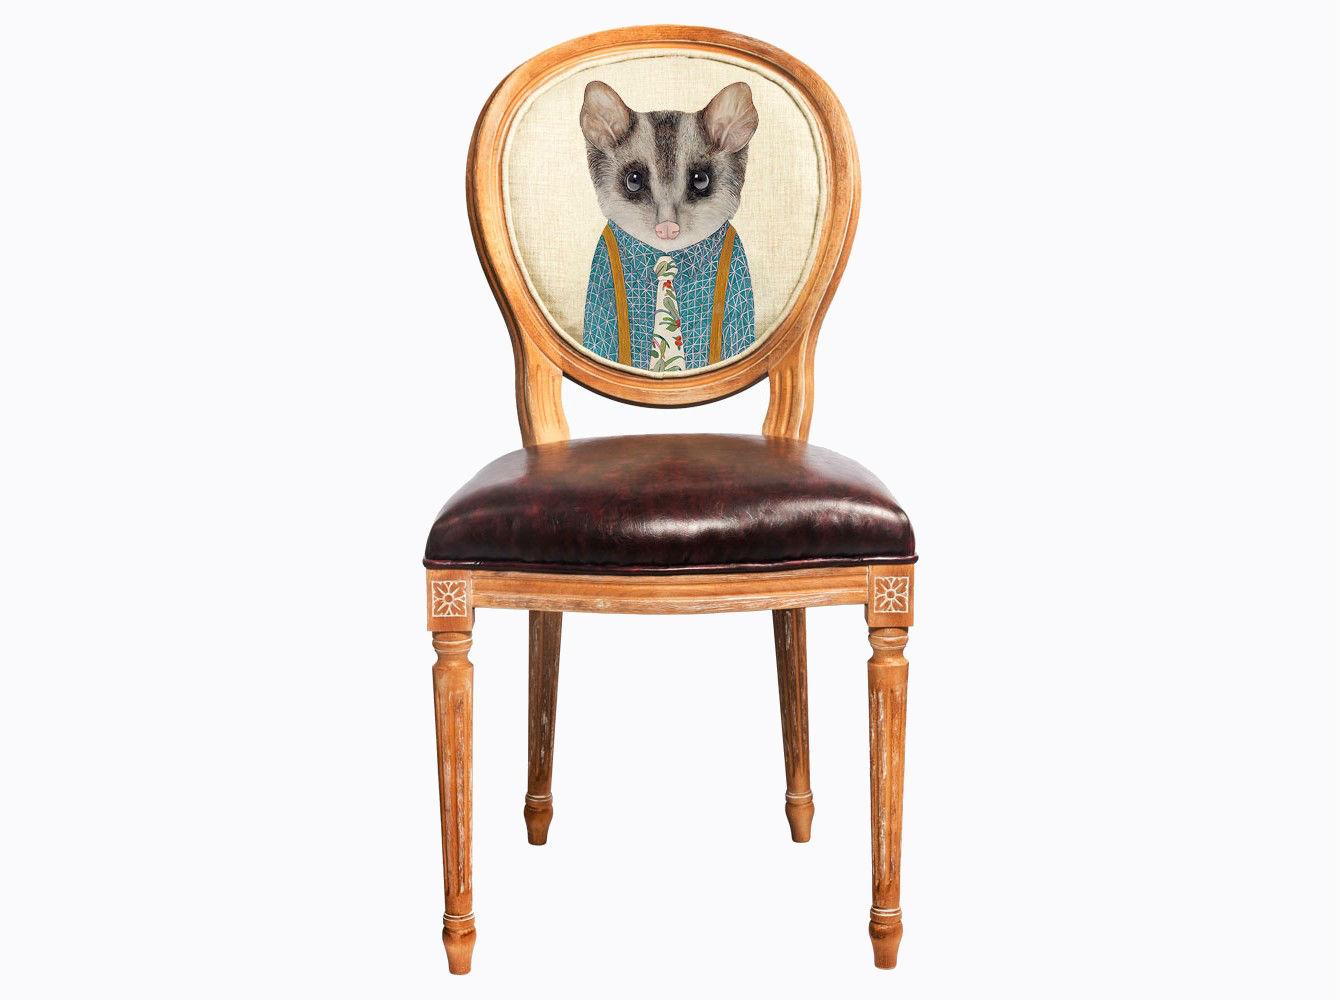 Стул «Мистер Поль»Обеденные стулья<br>Стул &amp;quot;Мистер Поль&amp;quot; - универсальное, но отборное решение гостиной, столовой, спальни, кабинета, холла и детской комнаты.<br>Дизайн стула создан эффектом экстравагантных контрастных сочетаний. Дымчатая фактура натурального дерева оттеняет густой шоколад сиденья, благородный дворцовый корпус обрамляет рисунок в жанре современного &amp;quot;фэнтези&amp;quot;.<br>Приобретая такую модель, можно быть уверенными в её эклектичном единстве с роскошным &amp;quot;ренессансом&amp;quot; и изнеженным &amp;quot;ампиром&amp;quot;, аскетичным &amp;quot;лофтом&amp;quot; и салонным &amp;quot;ар-деко&amp;quot;.&amp;lt;div&amp;gt;&amp;lt;br&amp;gt;&amp;lt;/div&amp;gt;&amp;lt;div&amp;gt;&amp;lt;span style=&amp;quot;line-height: 24.9999px;&amp;quot;&amp;gt;Материал: бук, экокожа, лен, хлопок&amp;lt;/span&amp;gt;&amp;lt;br&amp;gt;&amp;lt;/div&amp;gt;&amp;lt;div&amp;gt;&amp;lt;span style=&amp;quot;line-height: 24.9999px;&amp;quot;&amp;gt;&amp;lt;br&amp;gt;&amp;lt;/span&amp;gt;&amp;lt;/div&amp;gt;&amp;lt;div&amp;gt;&amp;lt;br&amp;gt;&amp;lt;/div&amp;gt;<br><br>&amp;lt;iframe width=&amp;quot;530&amp;quot; height=&amp;quot;315&amp;quot; src=&amp;quot;https://www.youtube.com/embed/3vitXSFtUrE&amp;quot; frameborder=&amp;quot;0&amp;quot; allowfullscreen=&amp;quot;&amp;quot;&amp;gt;&amp;lt;/iframe&amp;gt;<br><br>Material: Дерево<br>Ширина см: 47<br>Высота см: 98<br>Глубина см: 50